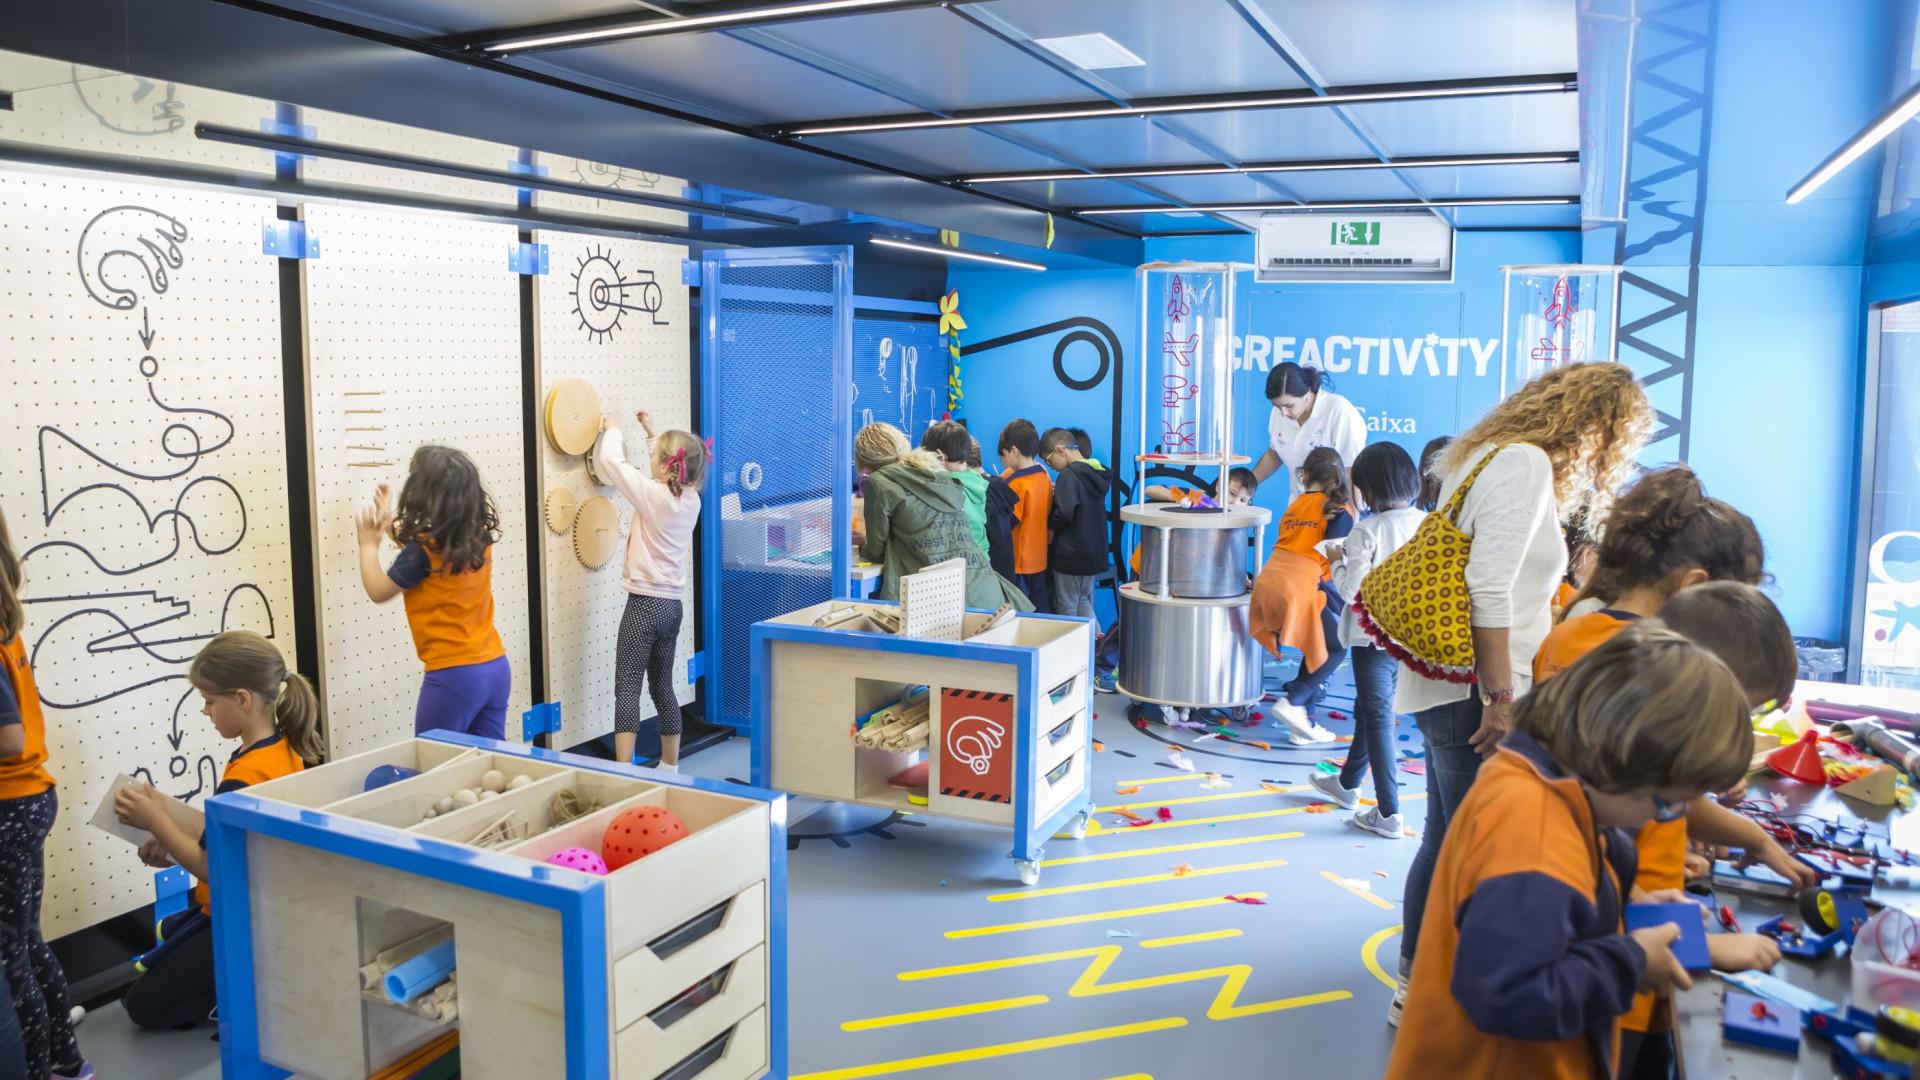 """Fundação """"la Caixa"""" traz projeto educativo 'Creactivity' a Portugal"""